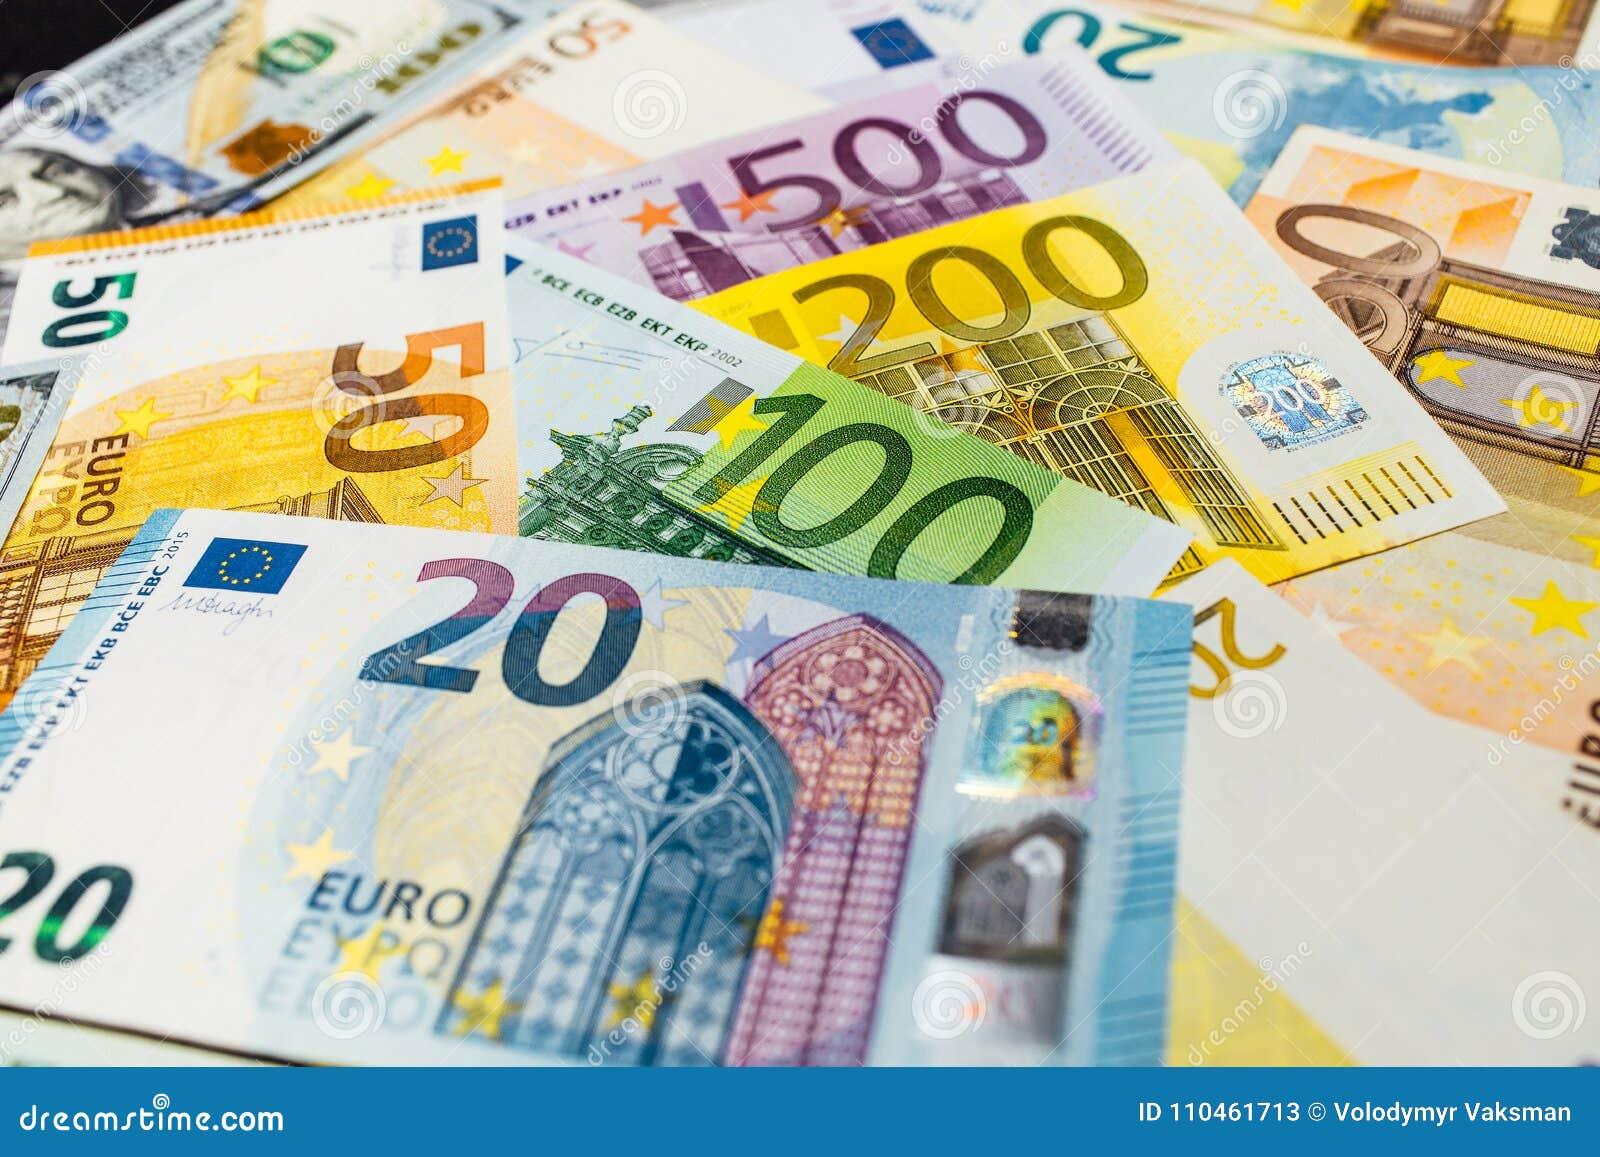 Närbild av amerikanska US dollar och euro